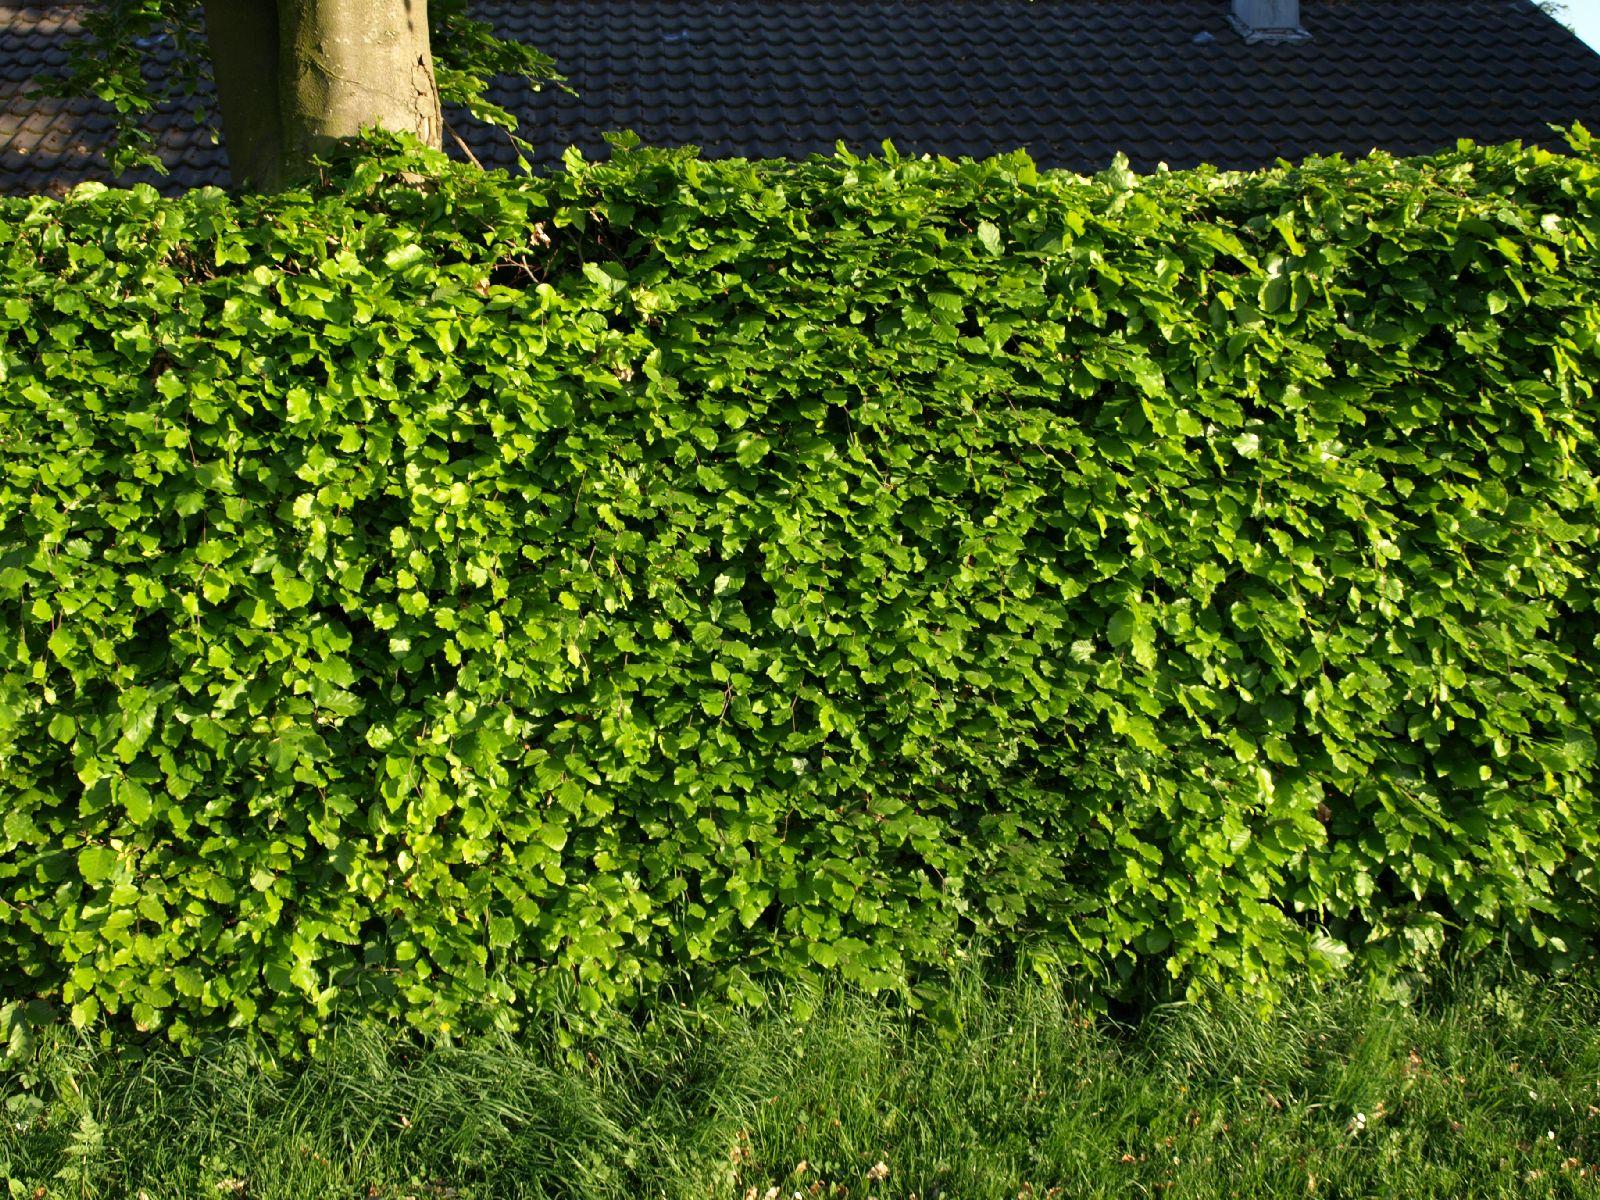 Pflanzen-Hecken-Foto_Textur_B_P5122719